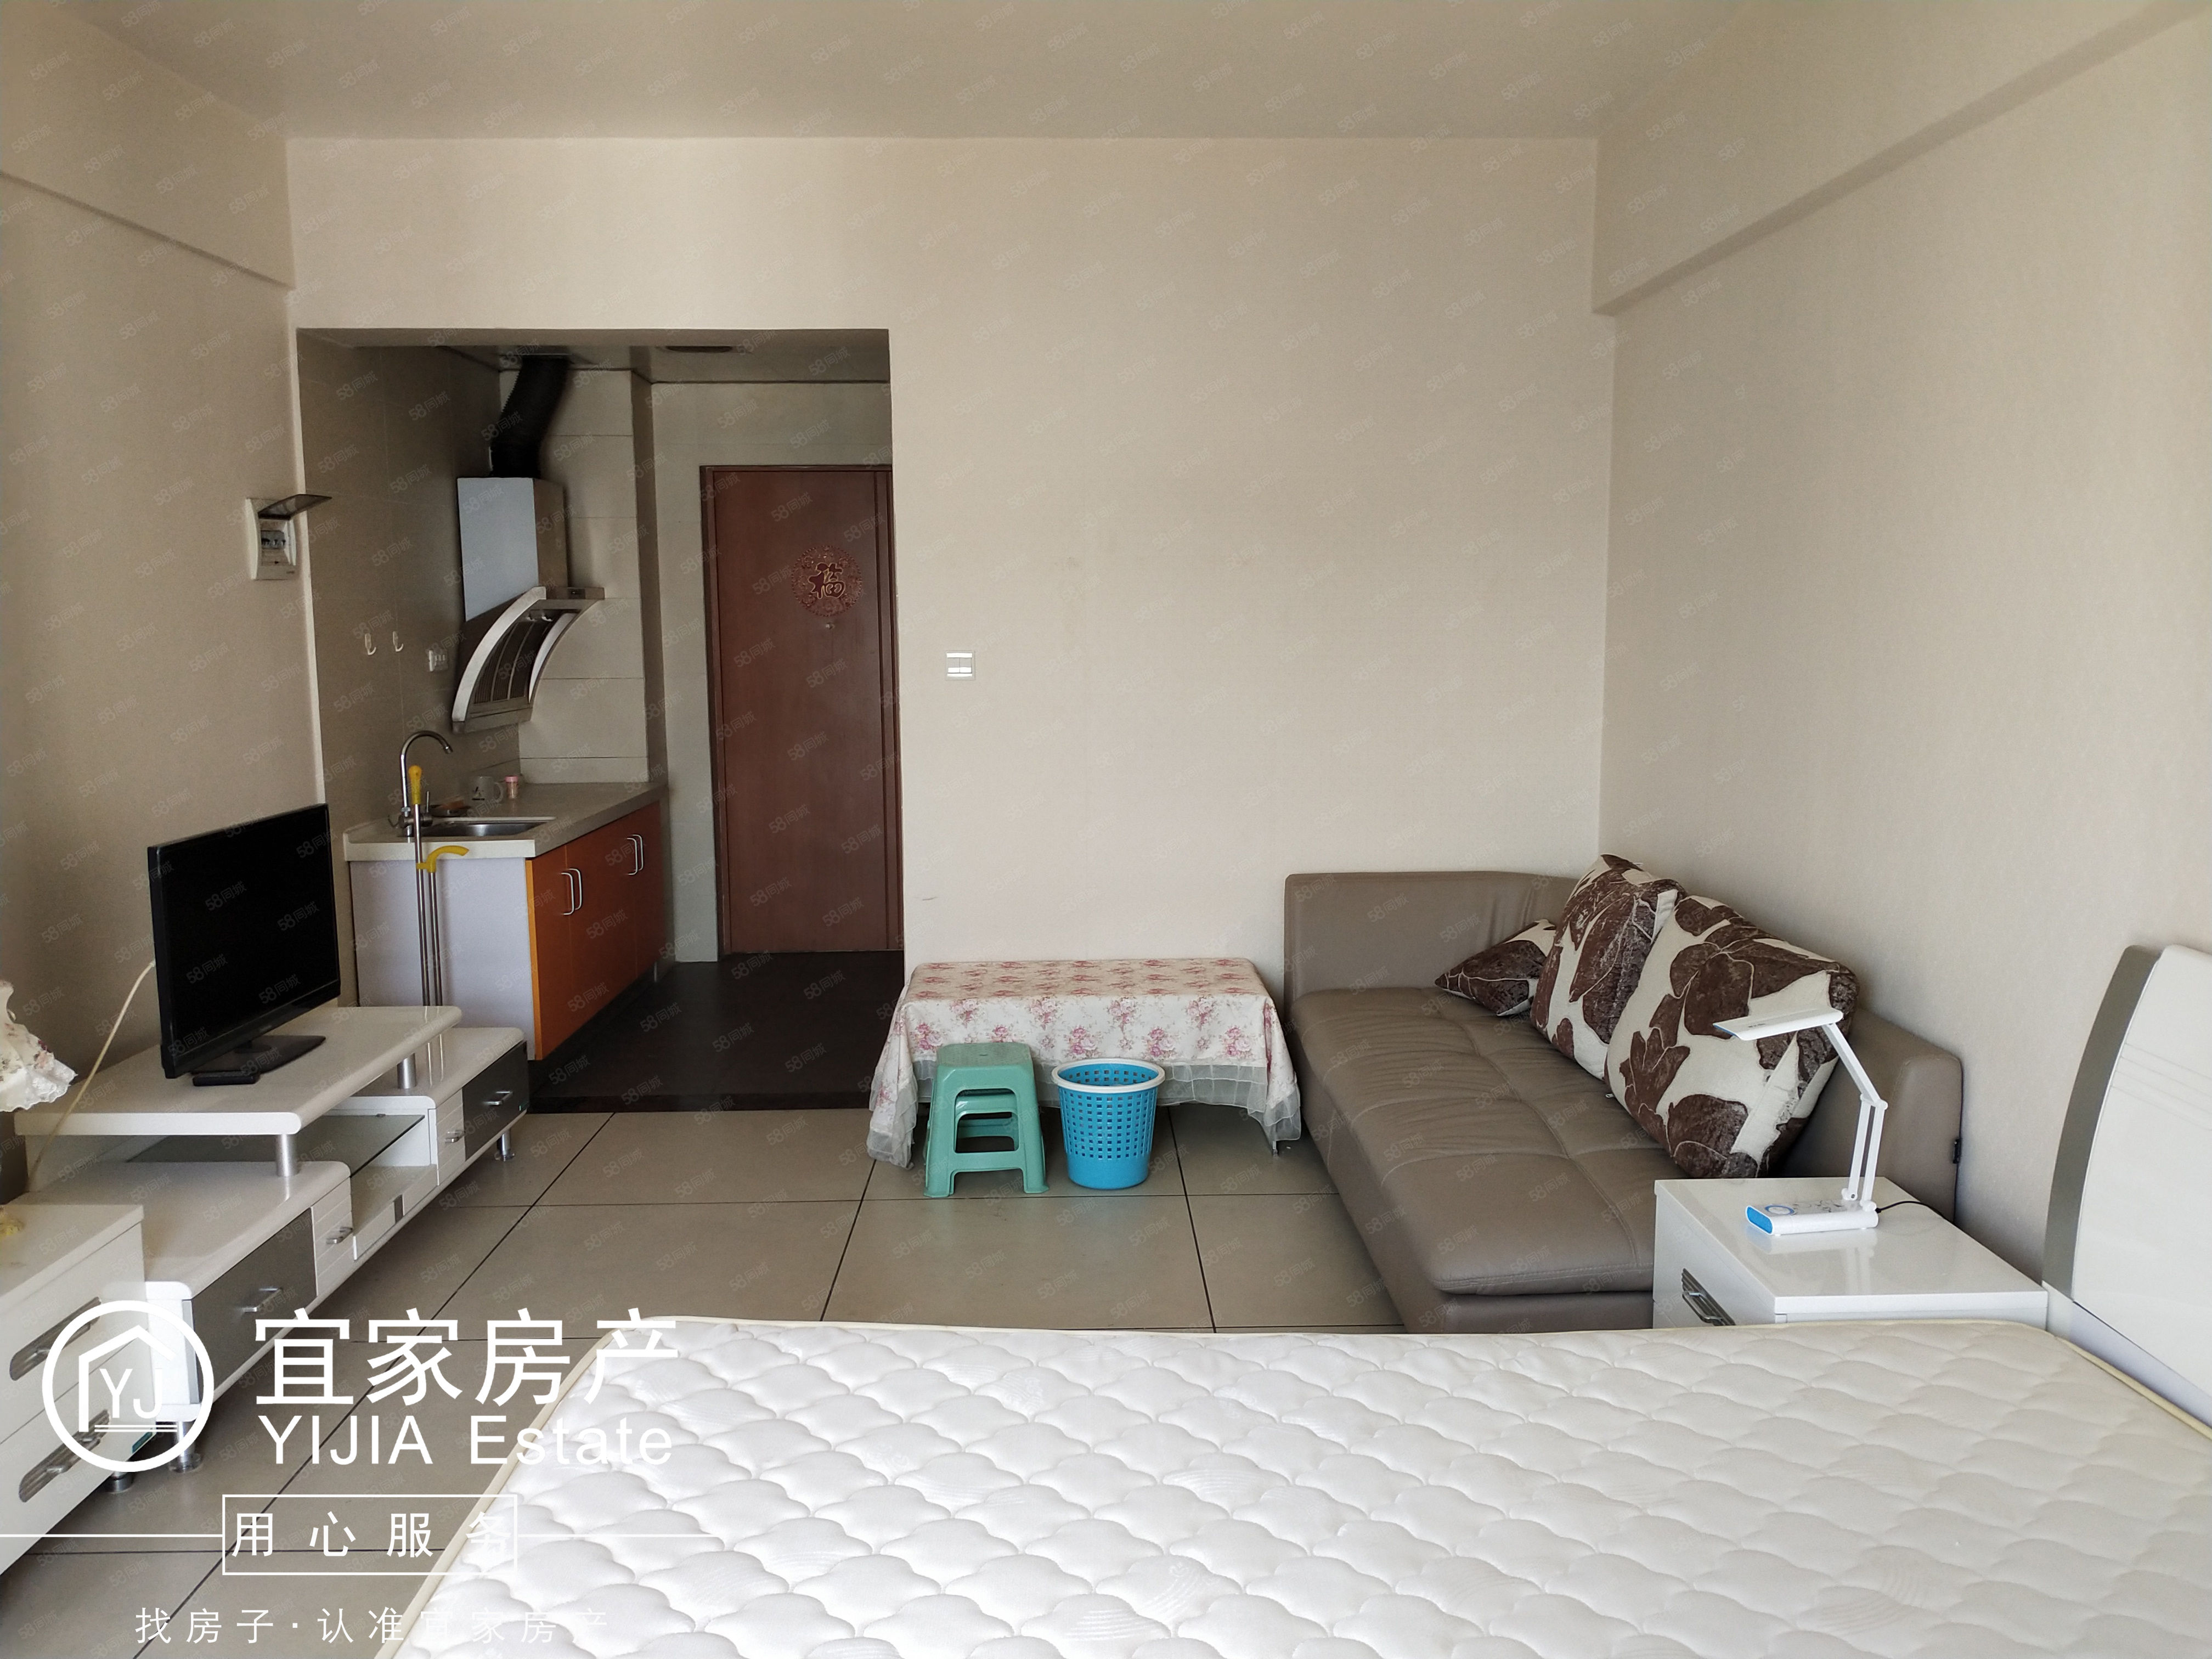 时代广场,1室1厅1厨1卫,精装修,单身公寓,带全套家具澳门金沙平台